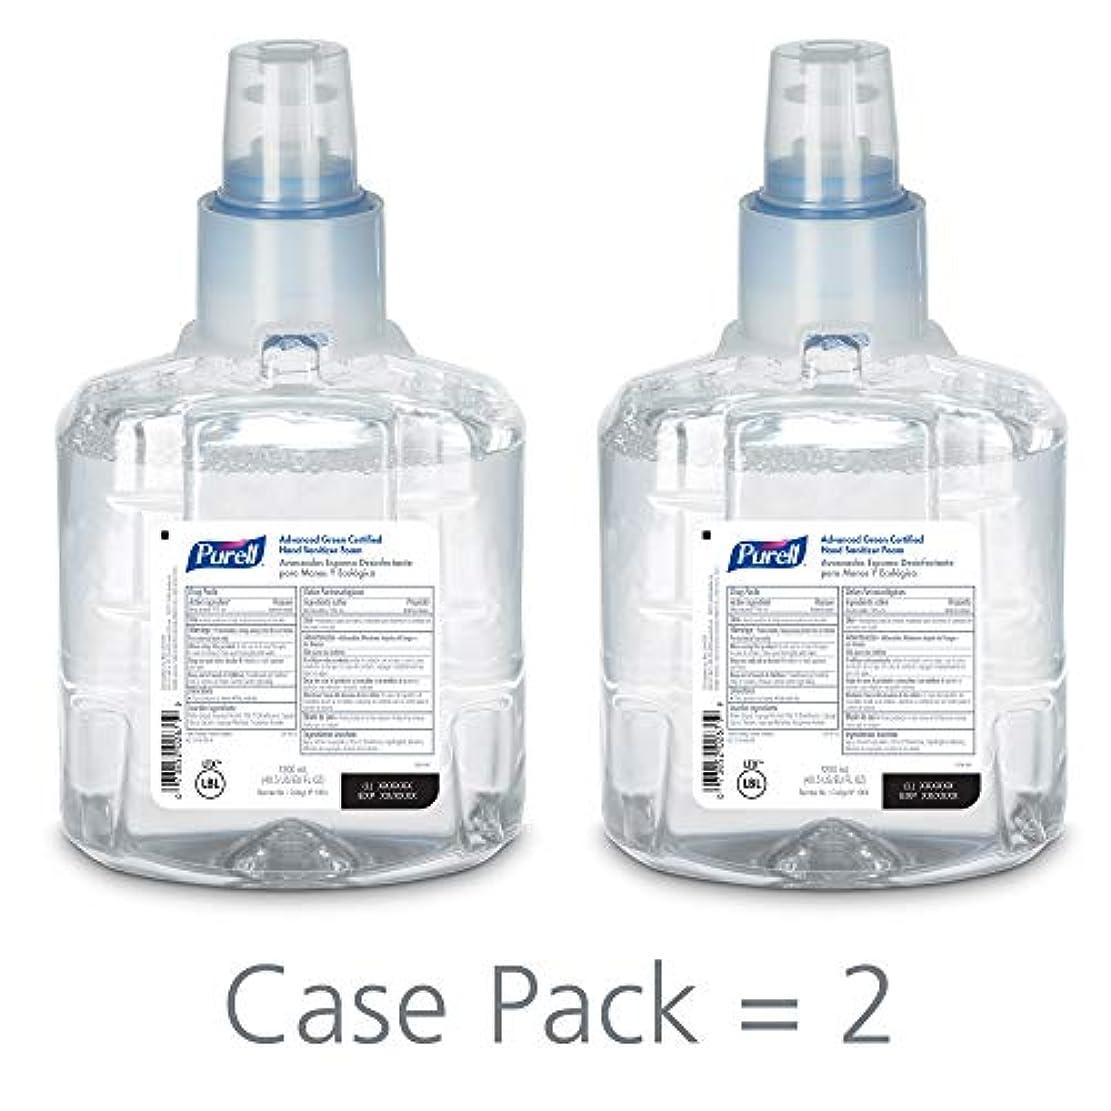 風景熟達した闇PURELL 1904-02 1200 mL Advanced Green Certified Instant Hand Sanitizer Foam, LTX-12 Refill (Pack of 2) by Purell